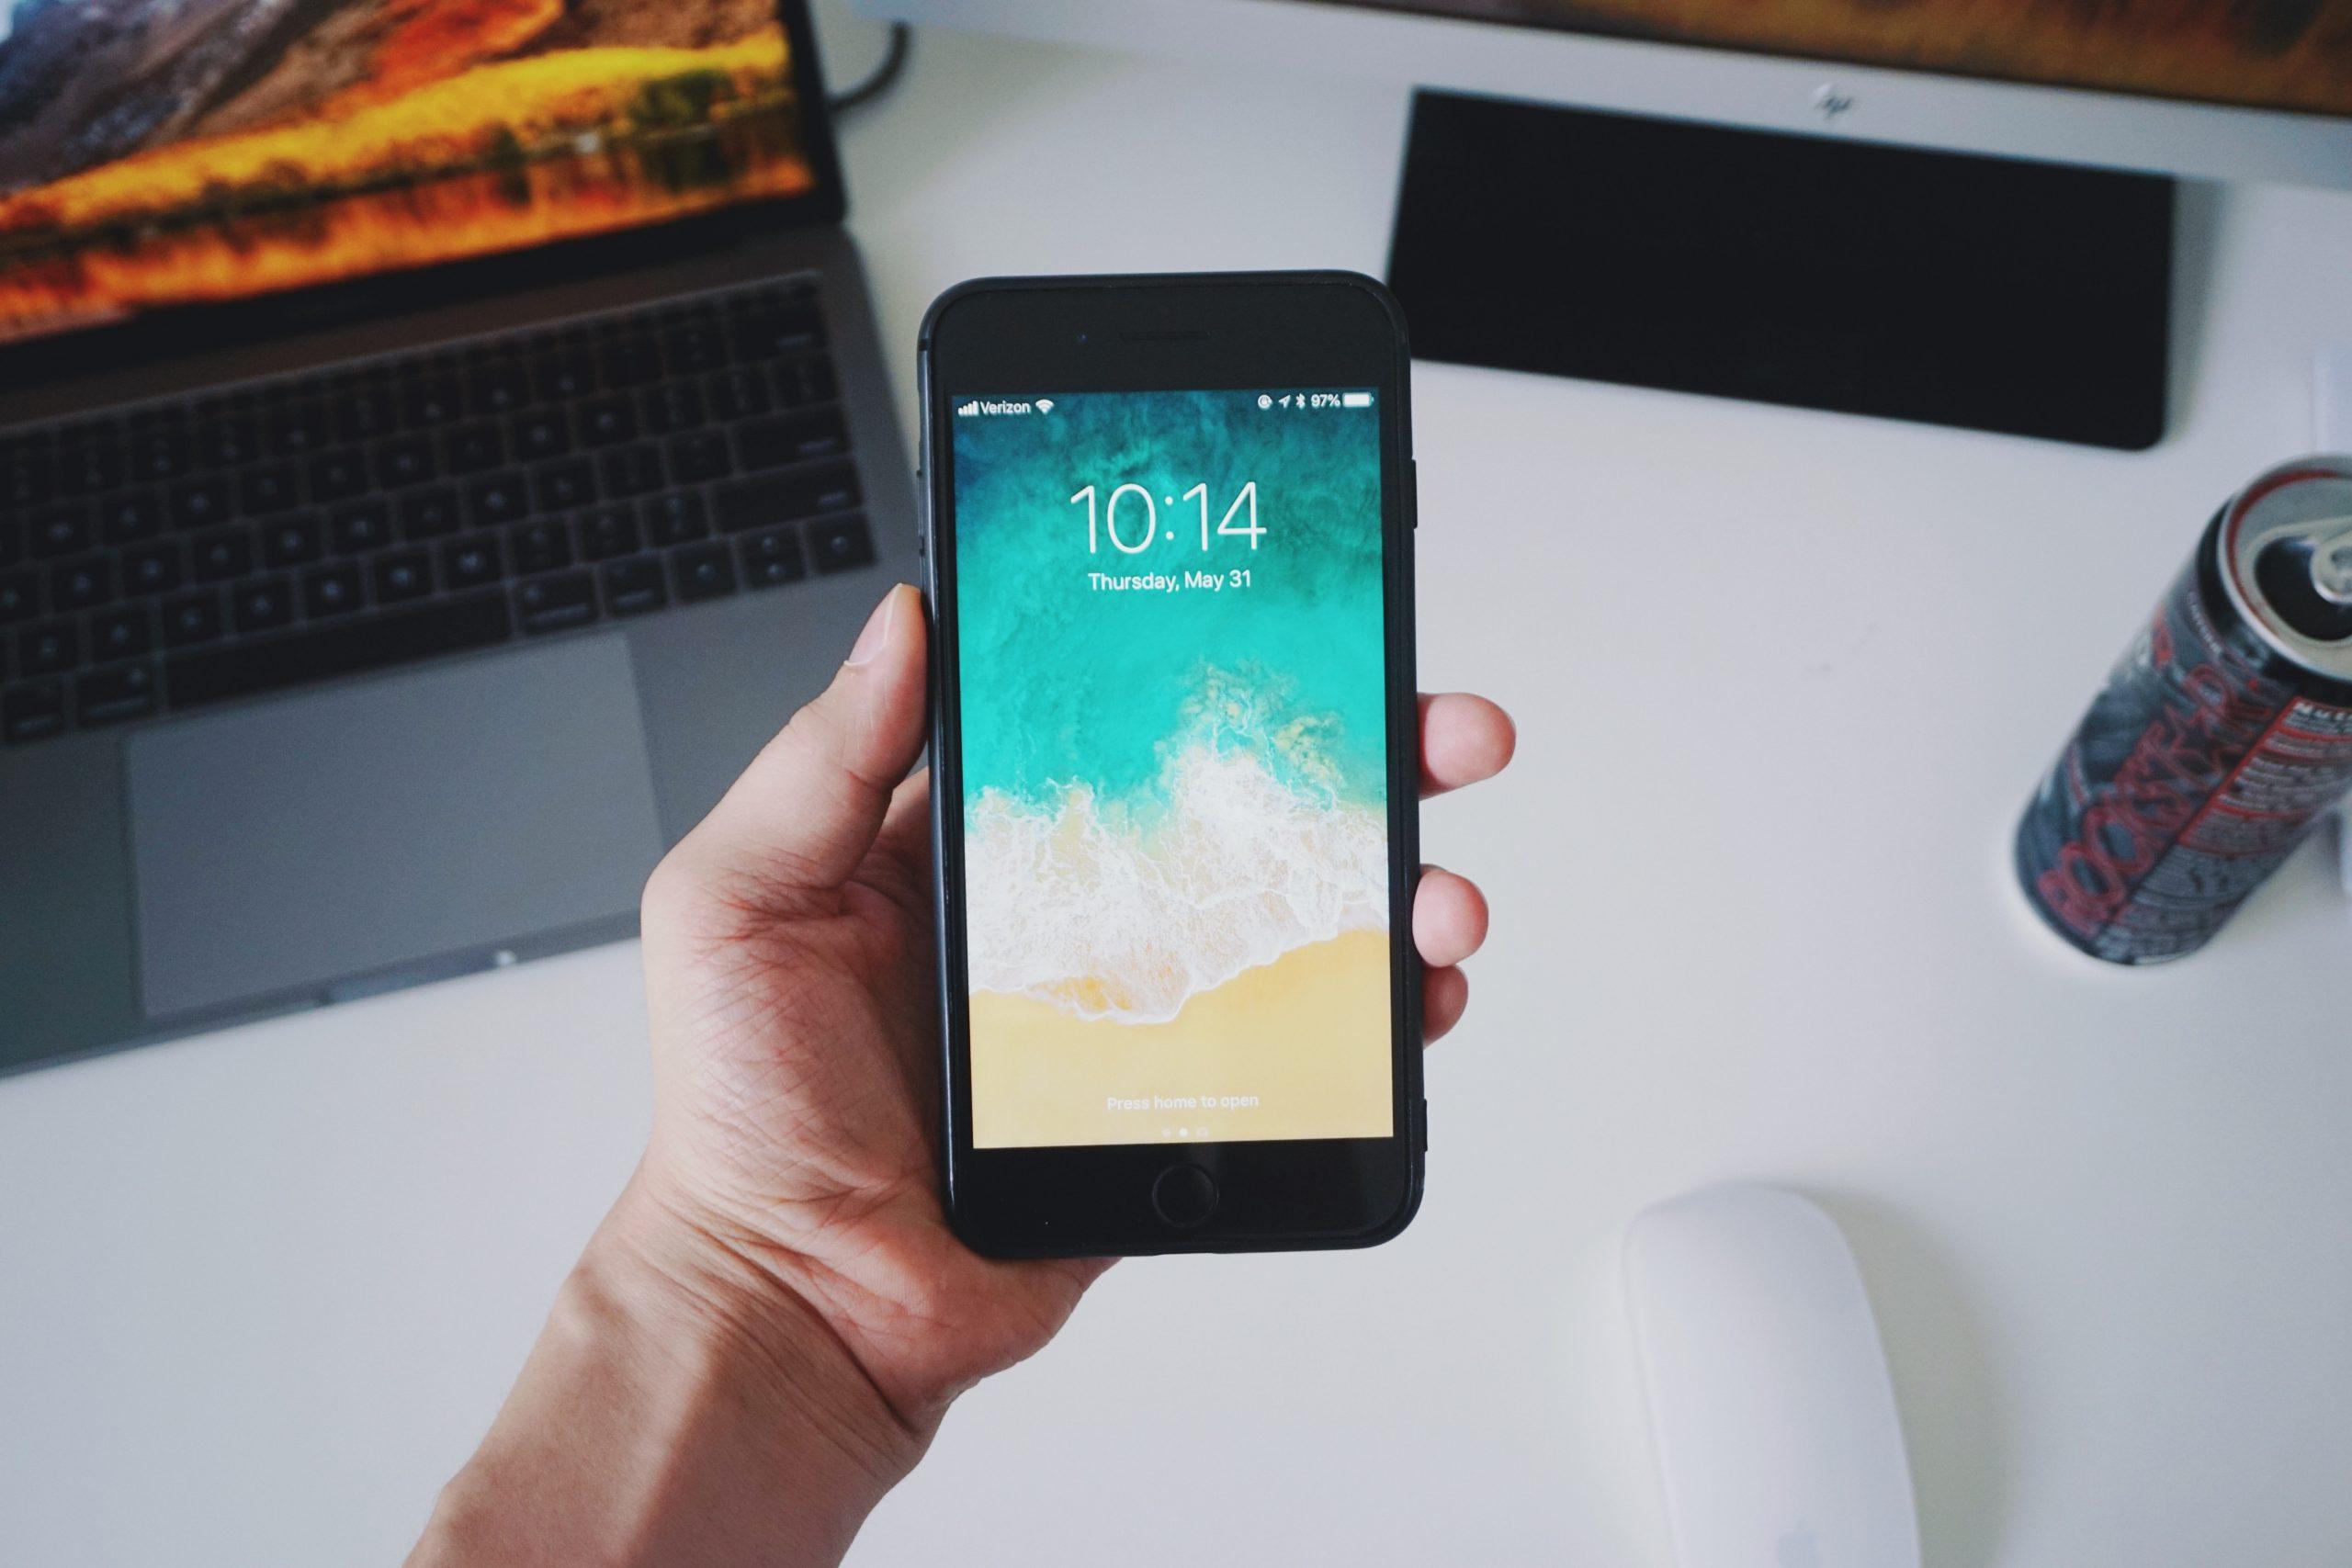 Mão segurando um iPhone